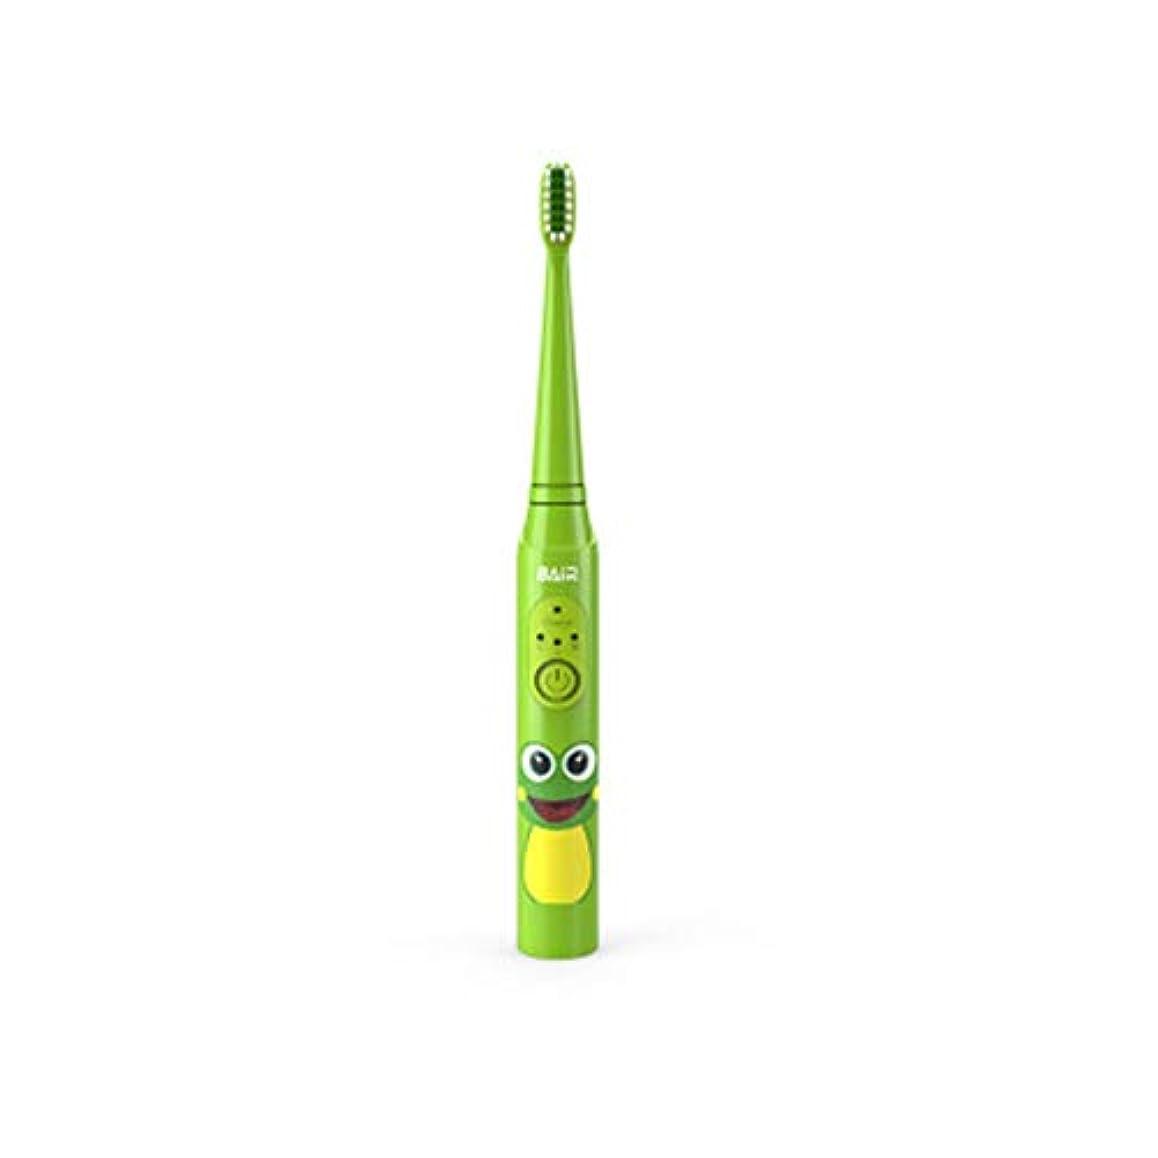 退化するキャップ本当のことを言うと子供のためのインテリジェントな子供用電動歯ブラシ、充電式音波電動歯ブラシ、明るい白い歯、歯茎のケア、交換可能なブラシヘッド-green